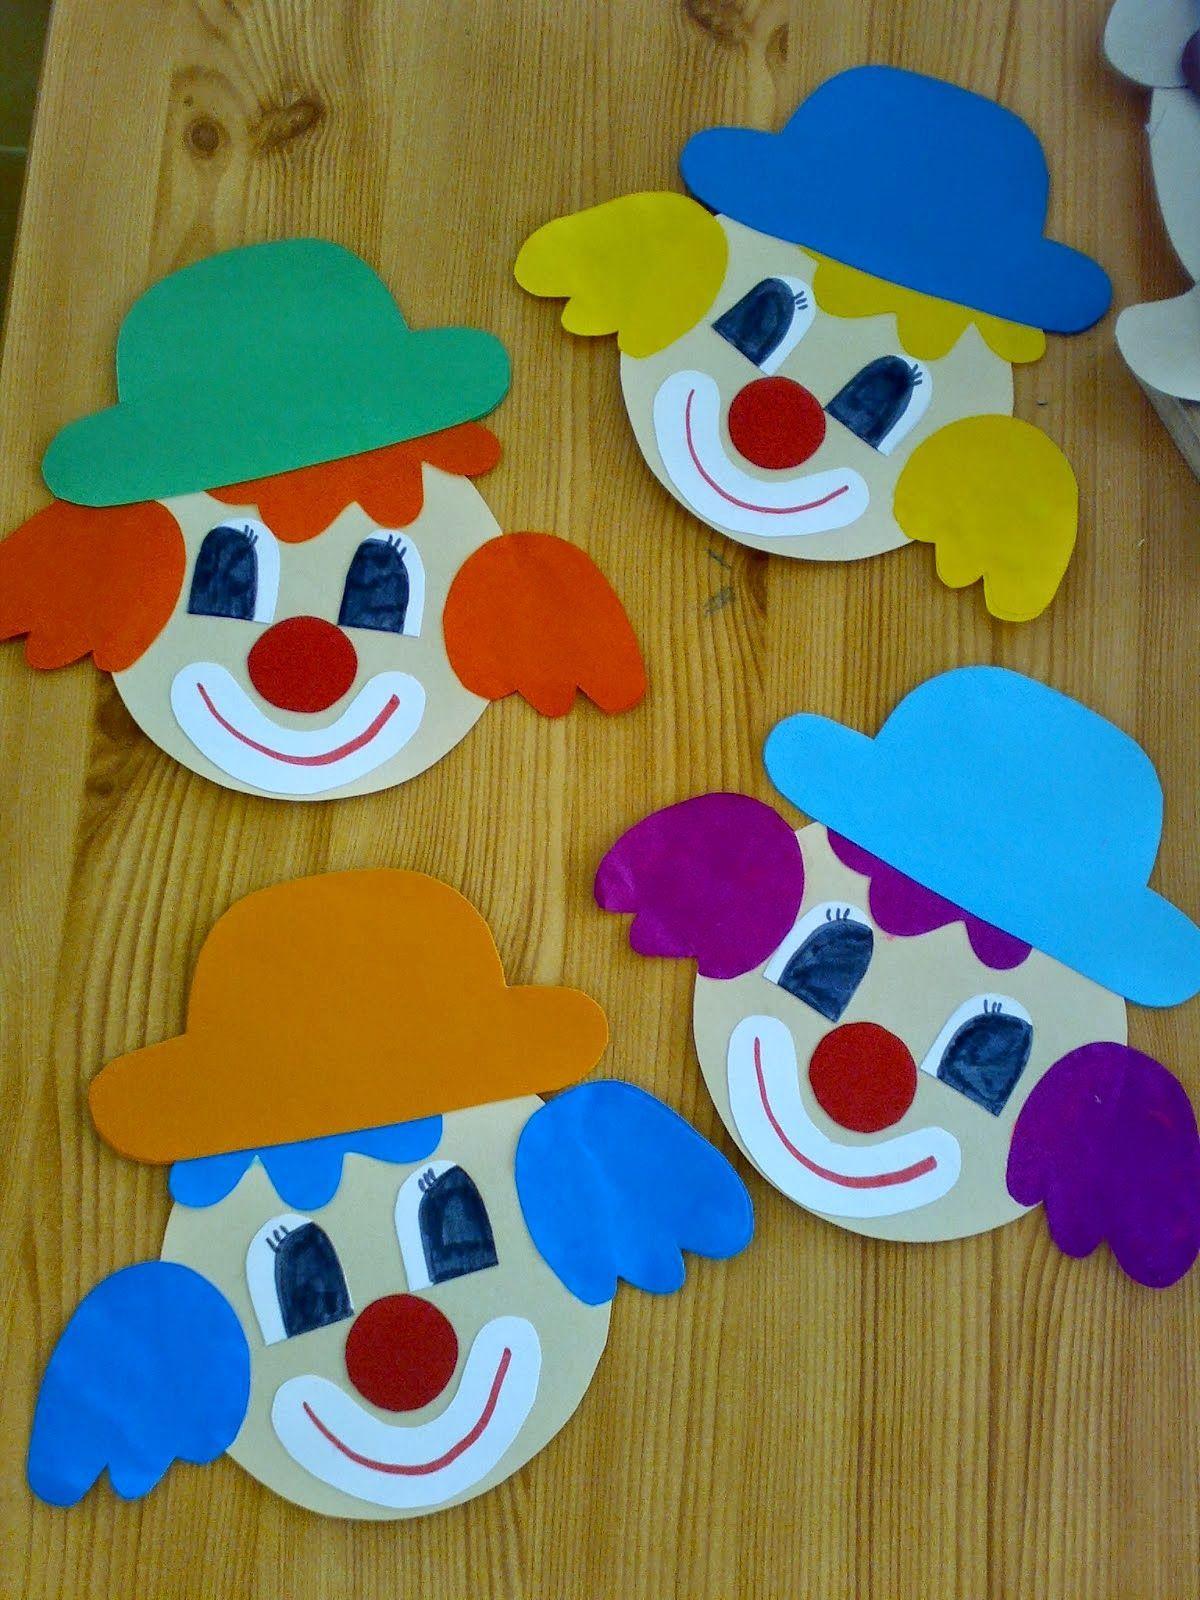 Bildergebnis f r kunst mit kindern grundschule clowns schule pinterest - Clown basteln kindergarten ...